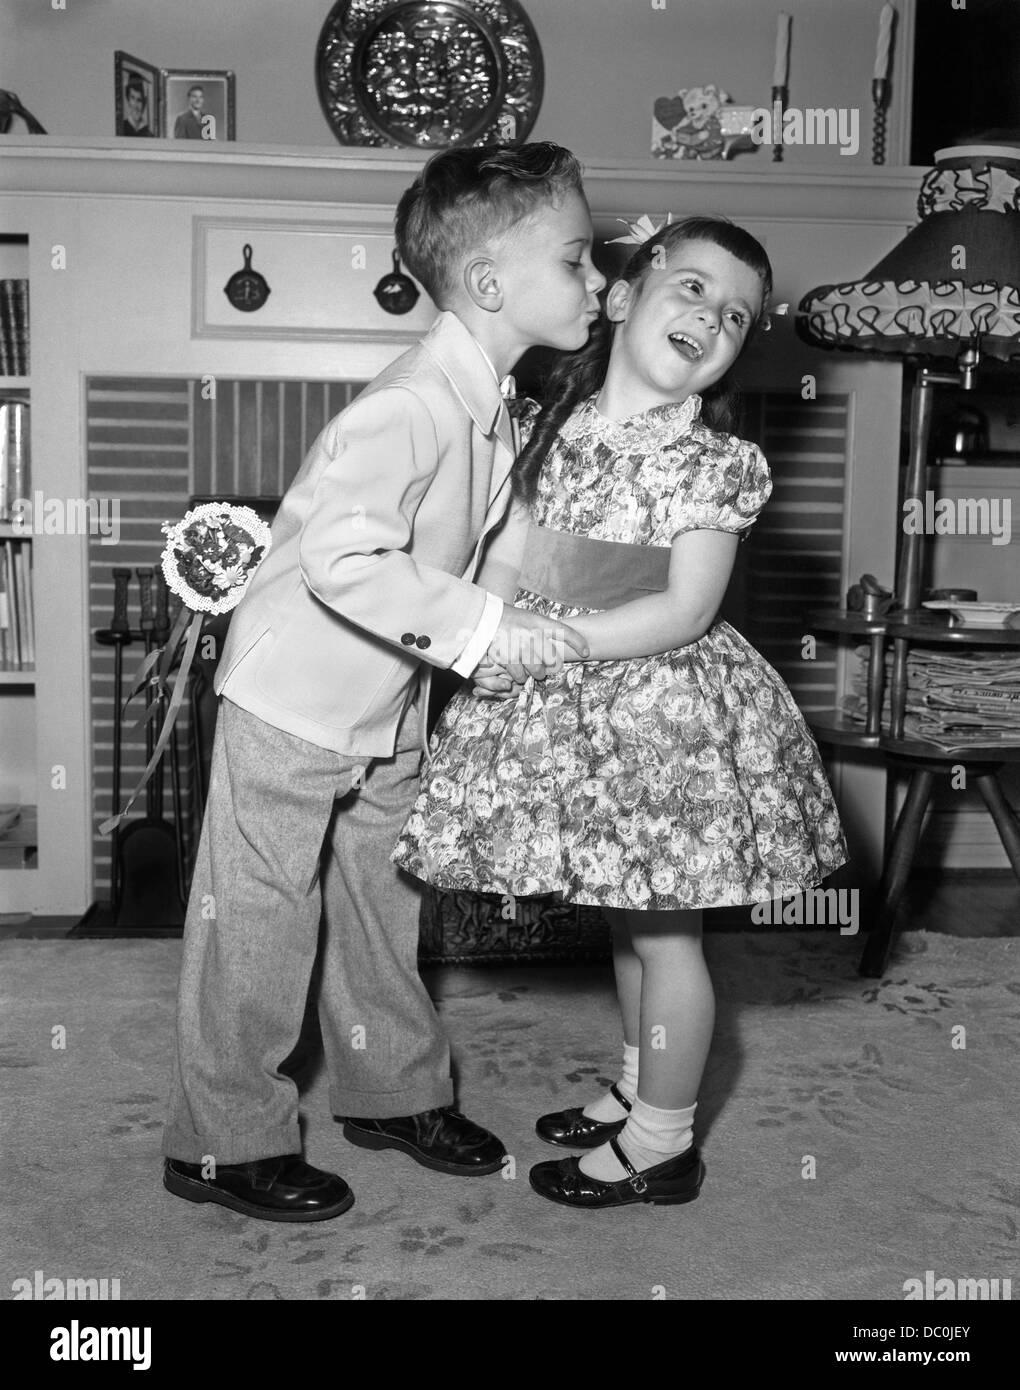 J1950s Little Boy en traje y corbata INTENTANDO BESO niña vestido de fiesta Imagen De Stock